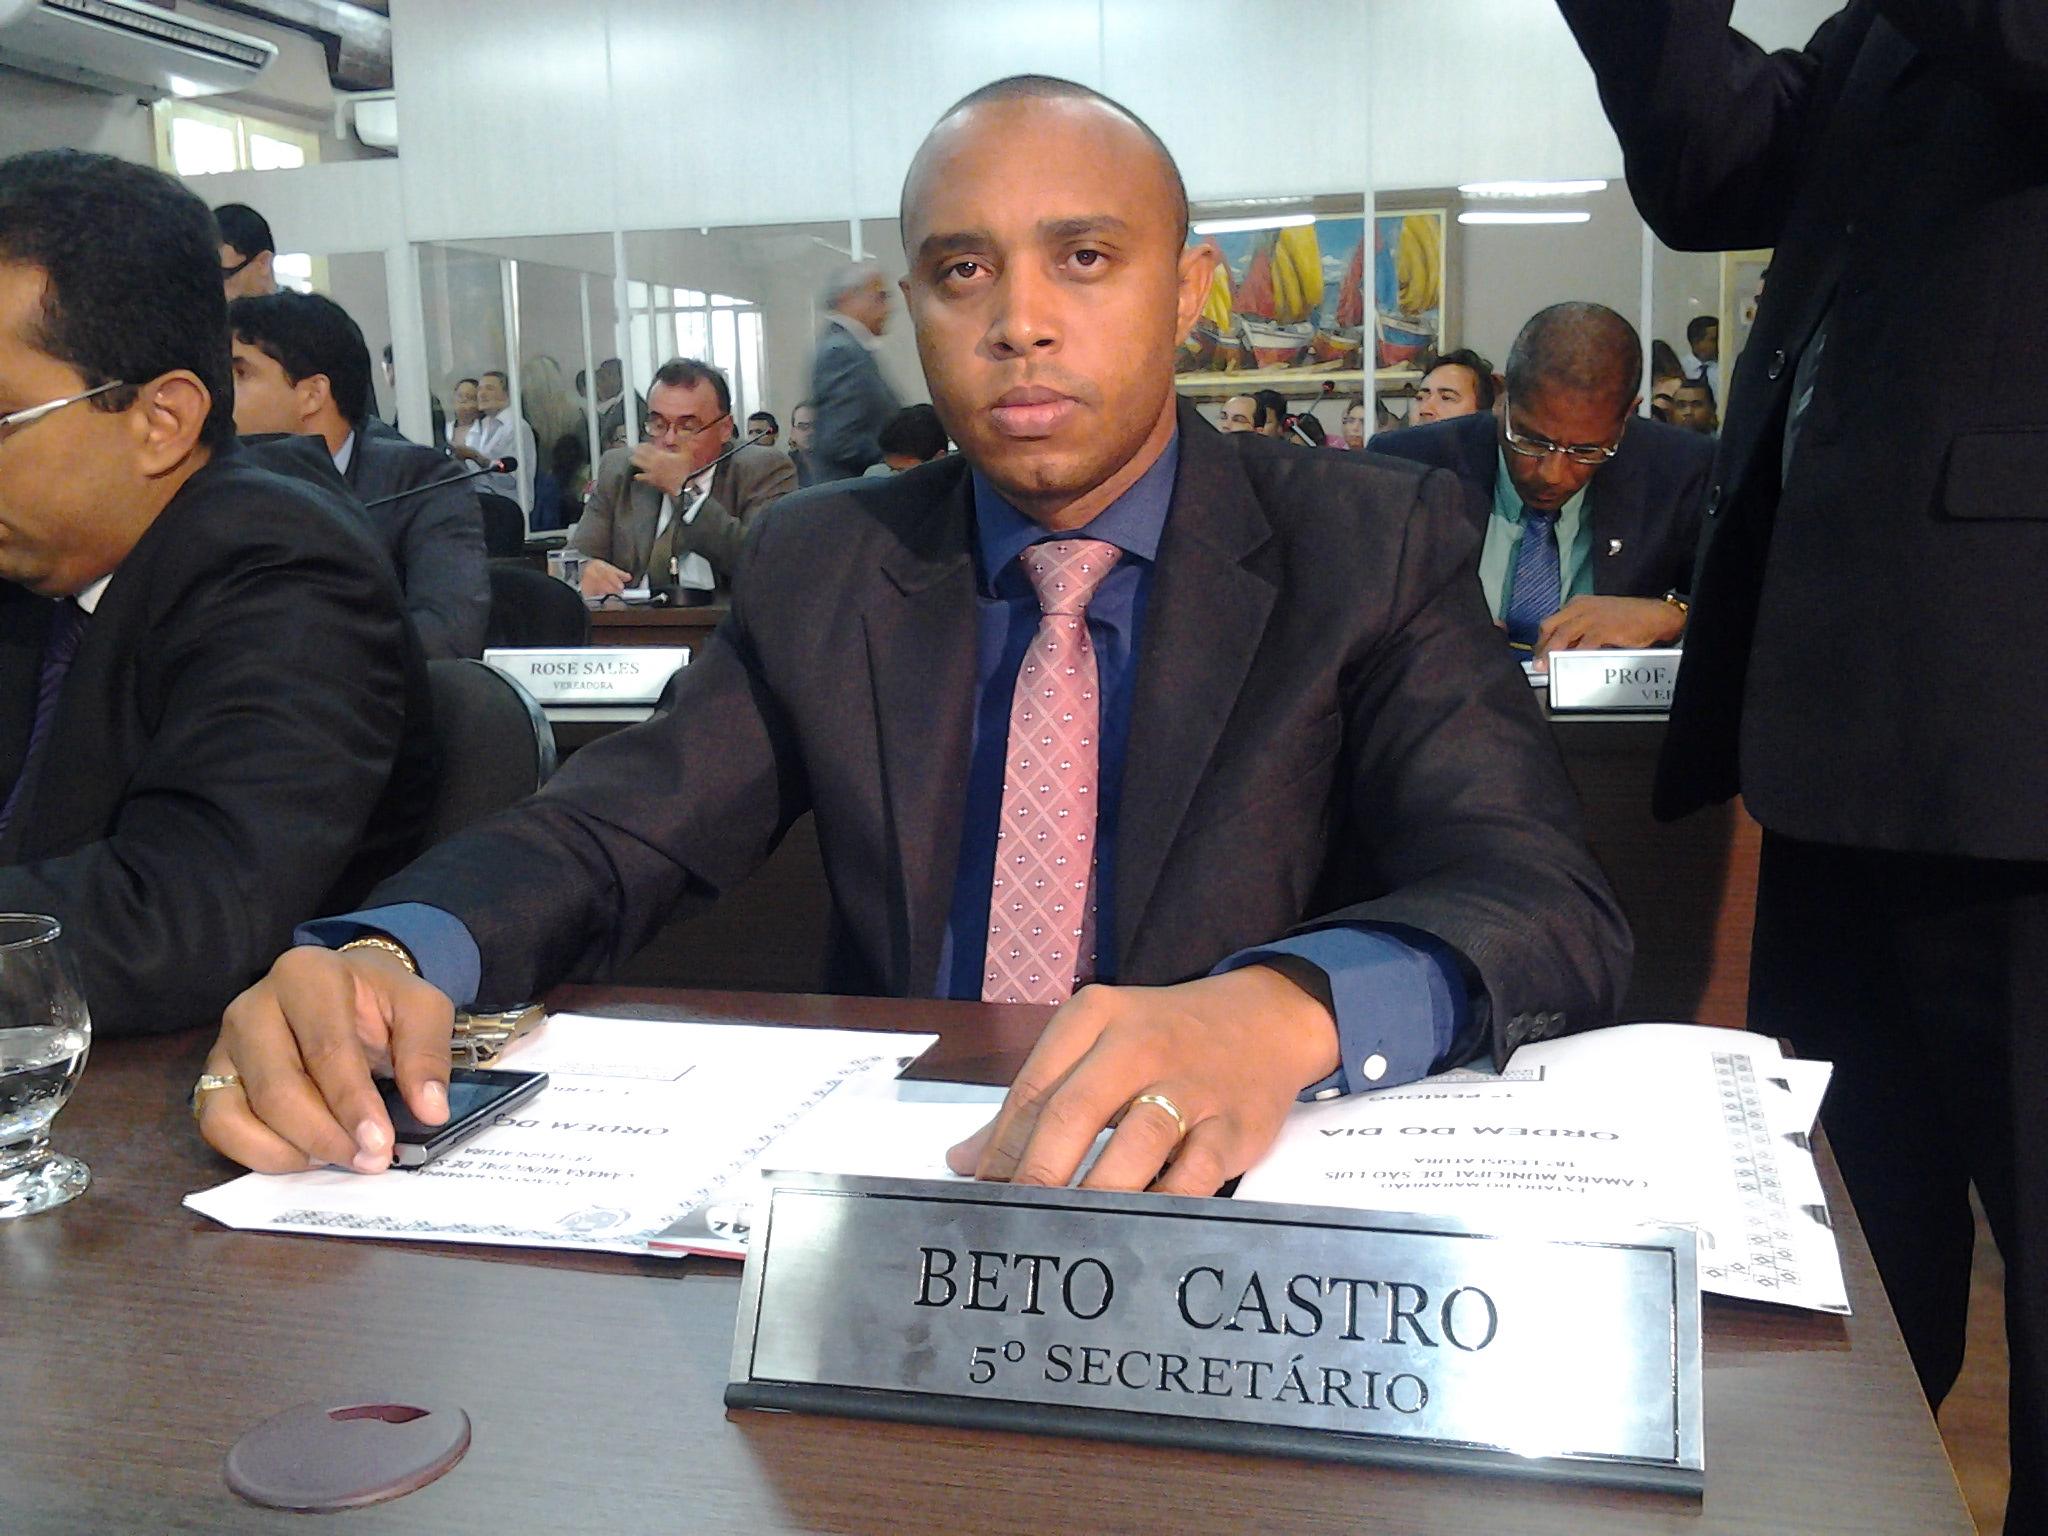 BETO CASTRO